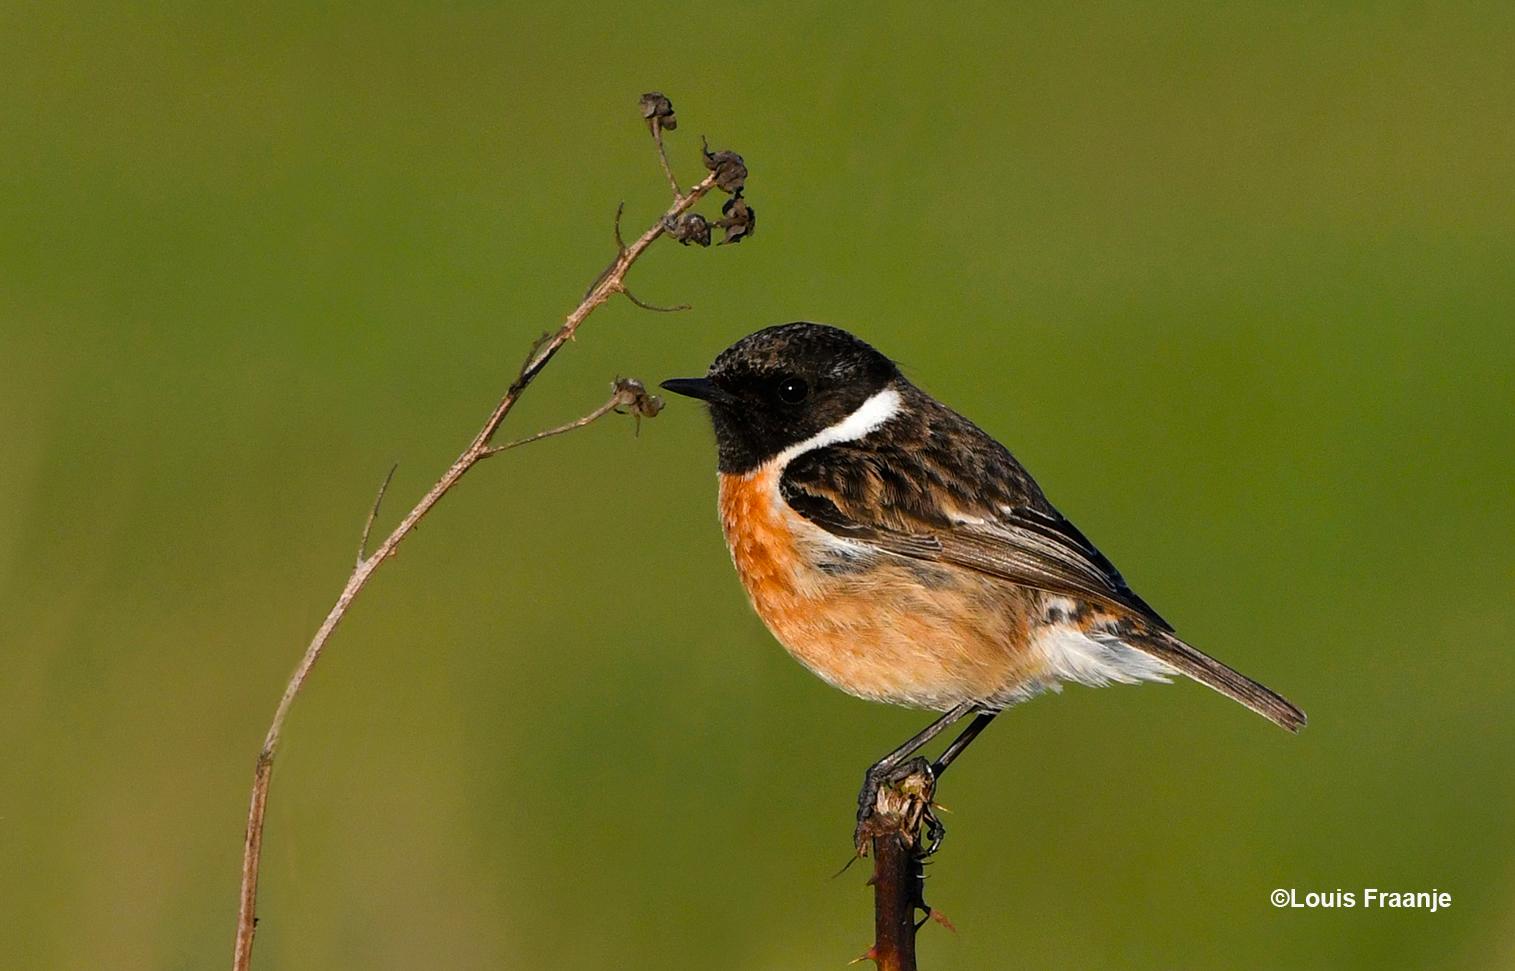 In een flits is de vogel verdwenen en zit hij even later rechts op een afgebroken takje - Foto: ©Louis Fraanje